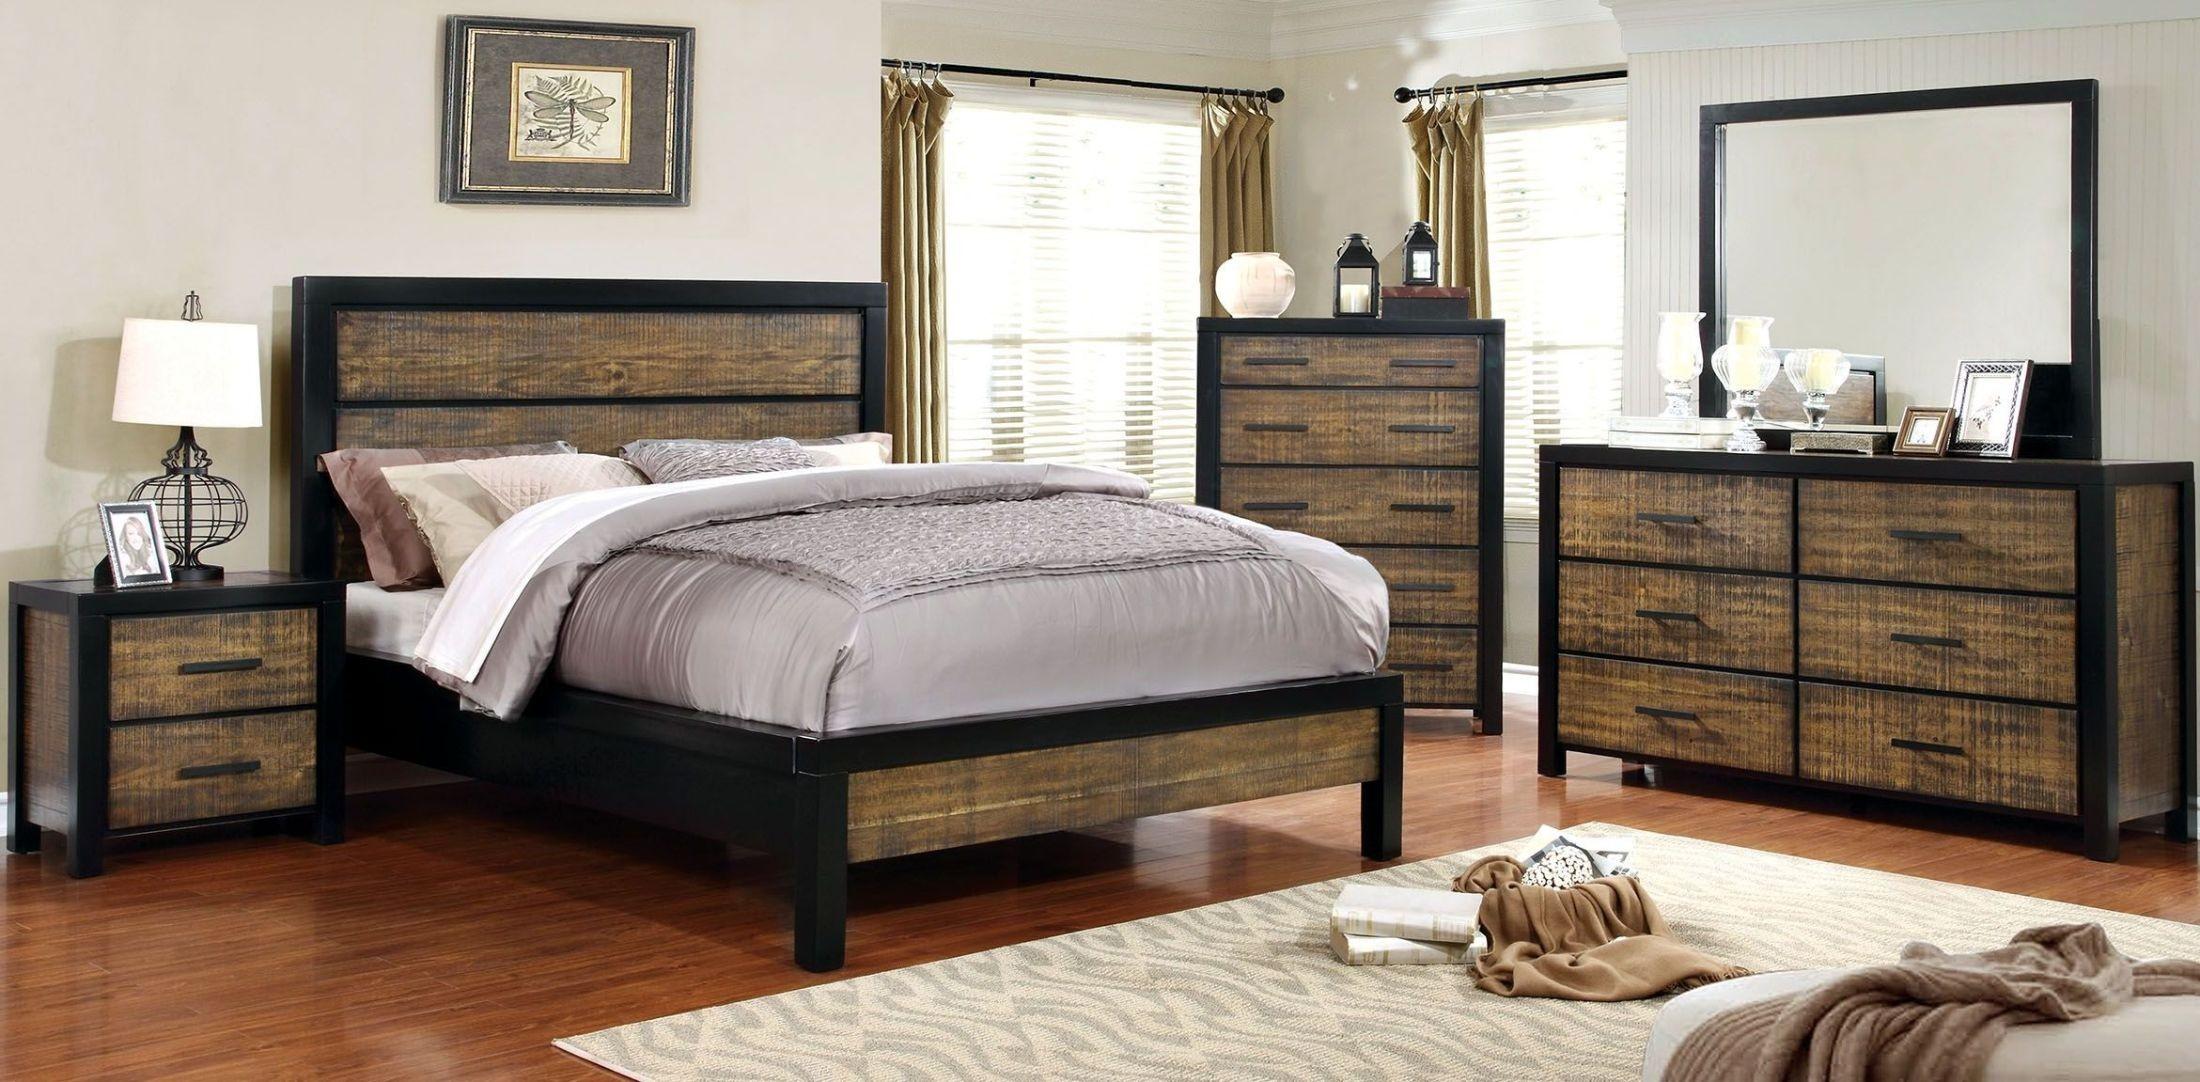 hamberg blacks and oak panel bedroom set from furniture of america coleman furniture. Black Bedroom Furniture Sets. Home Design Ideas